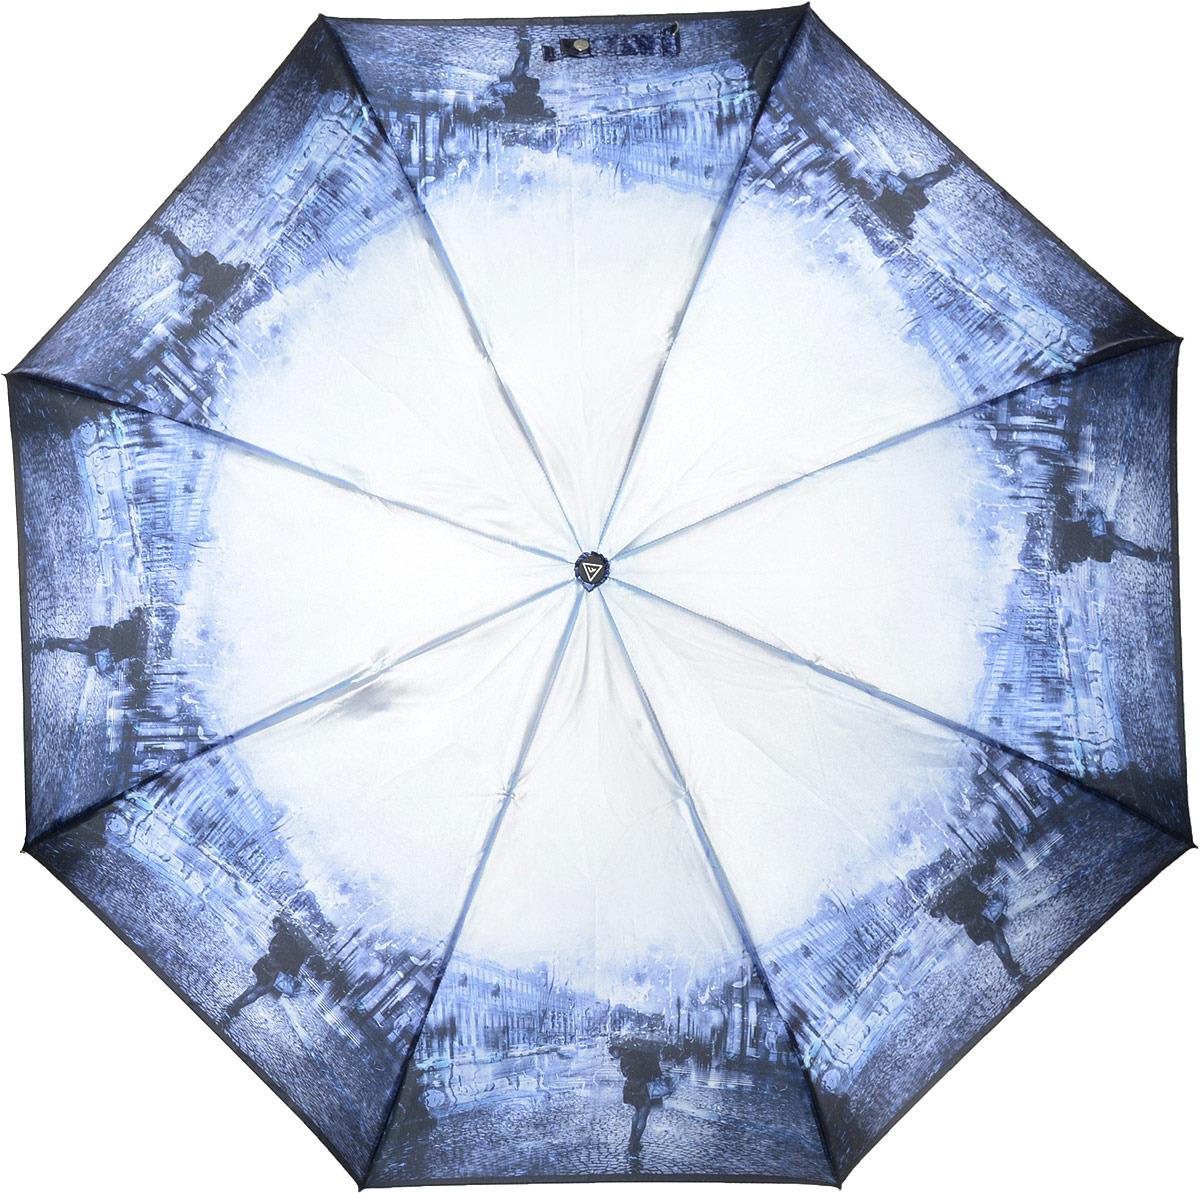 Зонт женский Fabretti, автомат, 3 сложения, цвет: фиолетовый. S-18102-4 зонт trust 30475 20 женский полный автомат